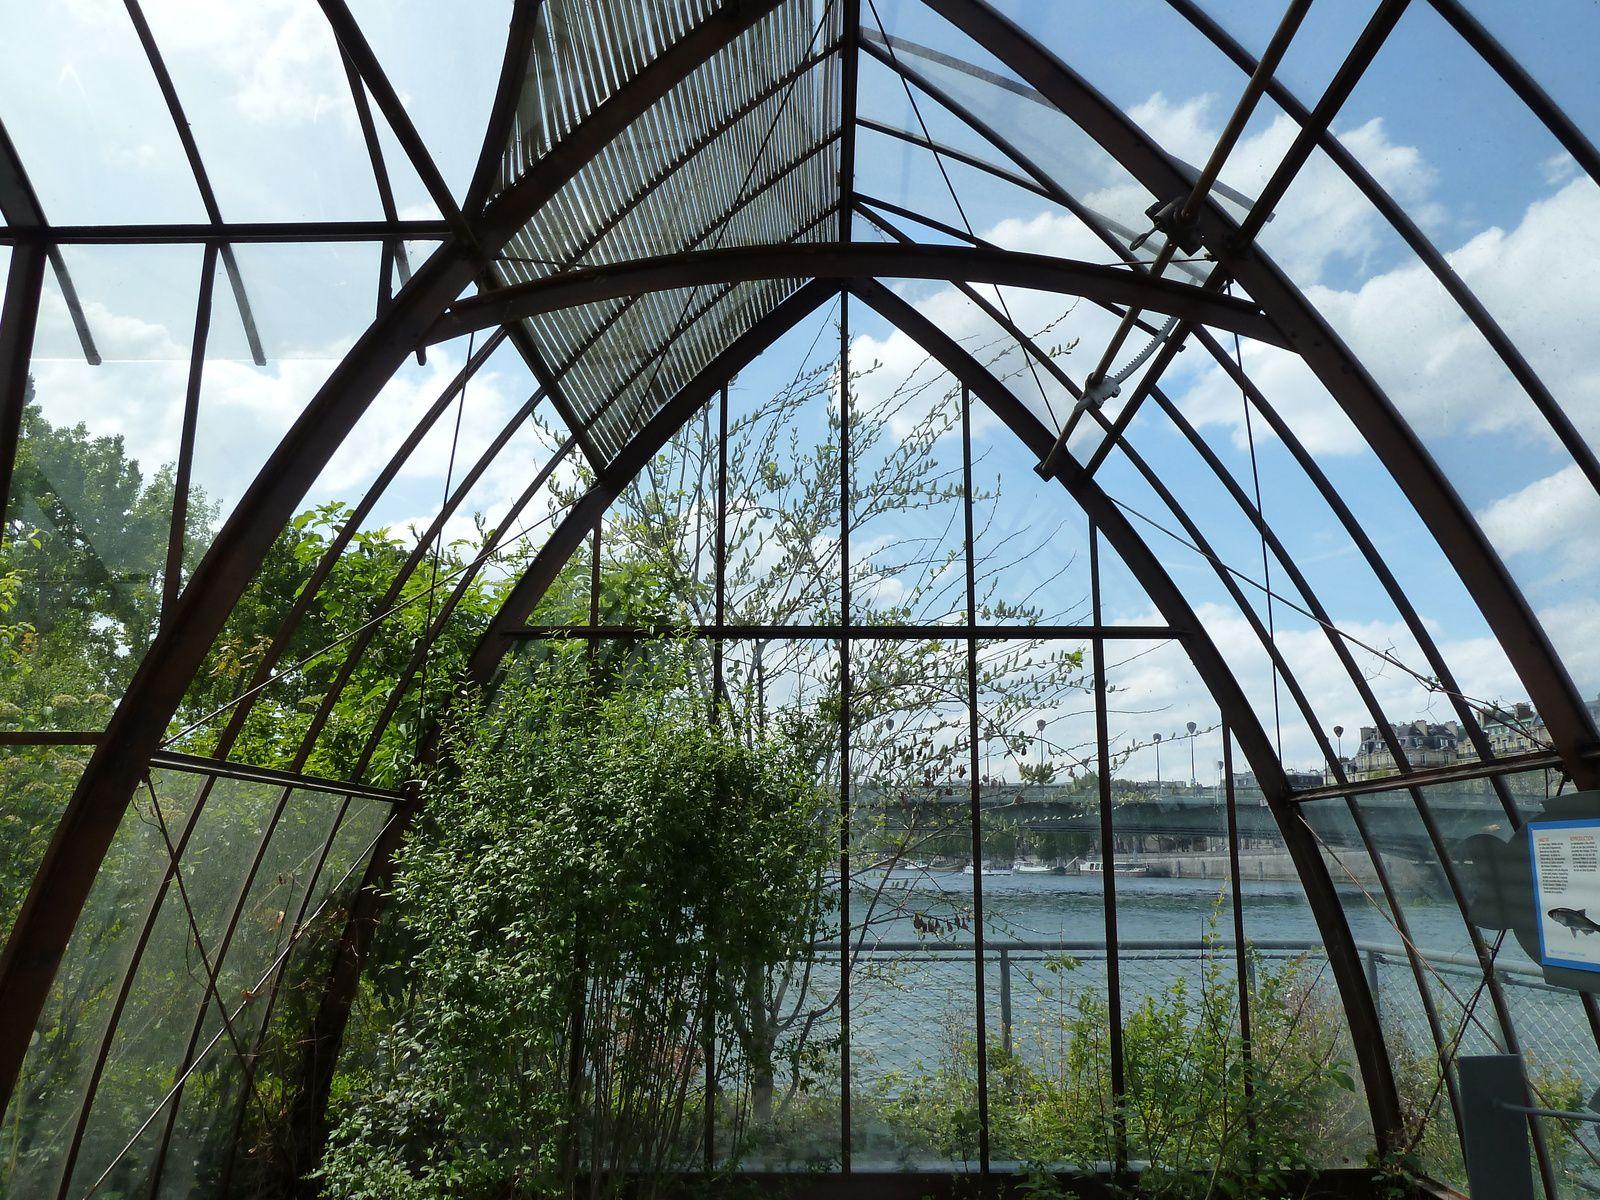 Une exposition sur les poissons d'eau douce est hébergée sous cette légère verrière des jardins flottants des berges aménagés en 2013.